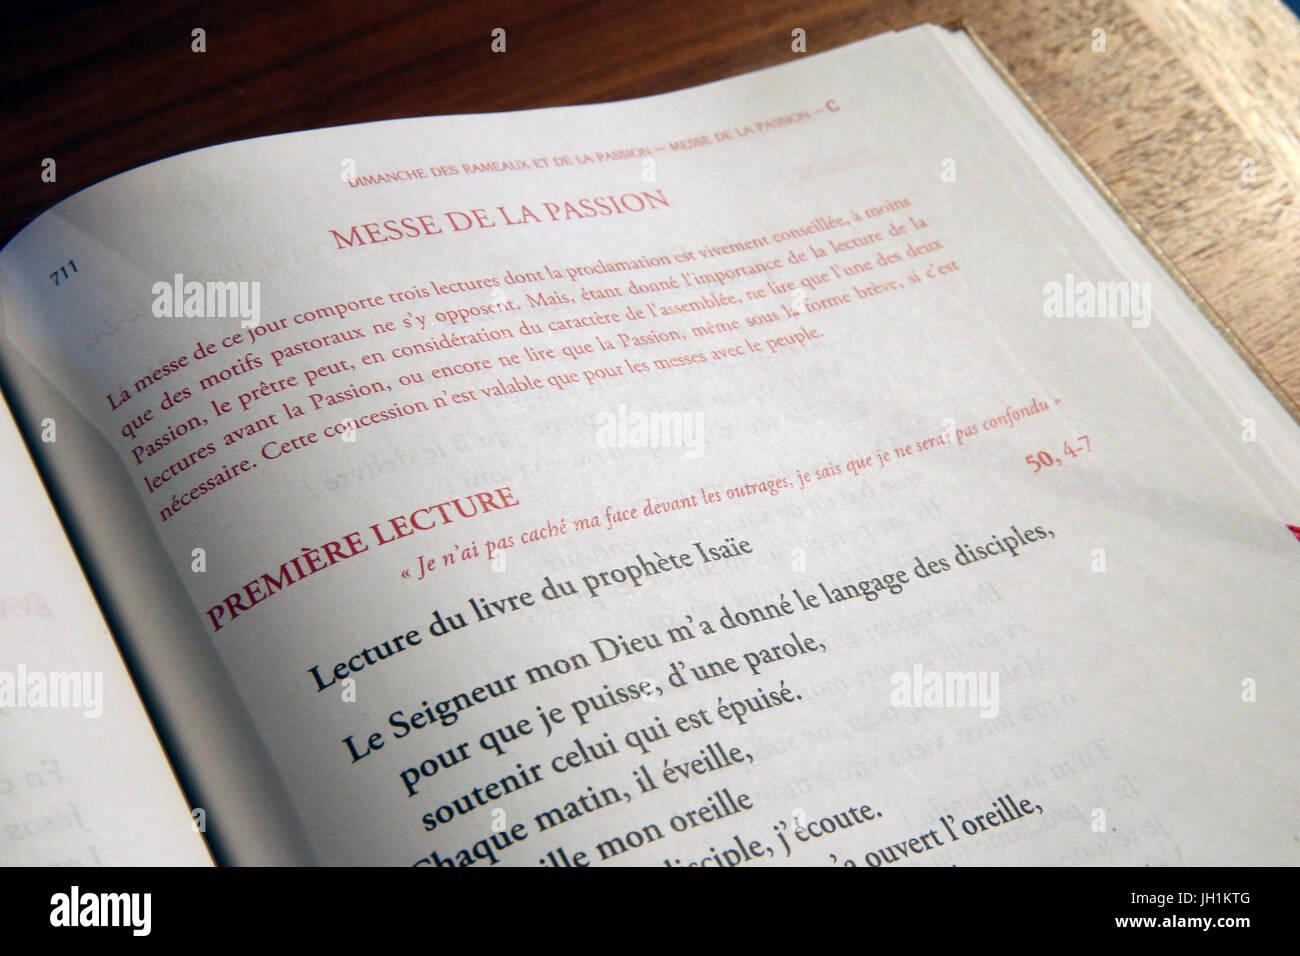 Livre de messe catholique. Dimanche masse palm. La France. Photo Stock